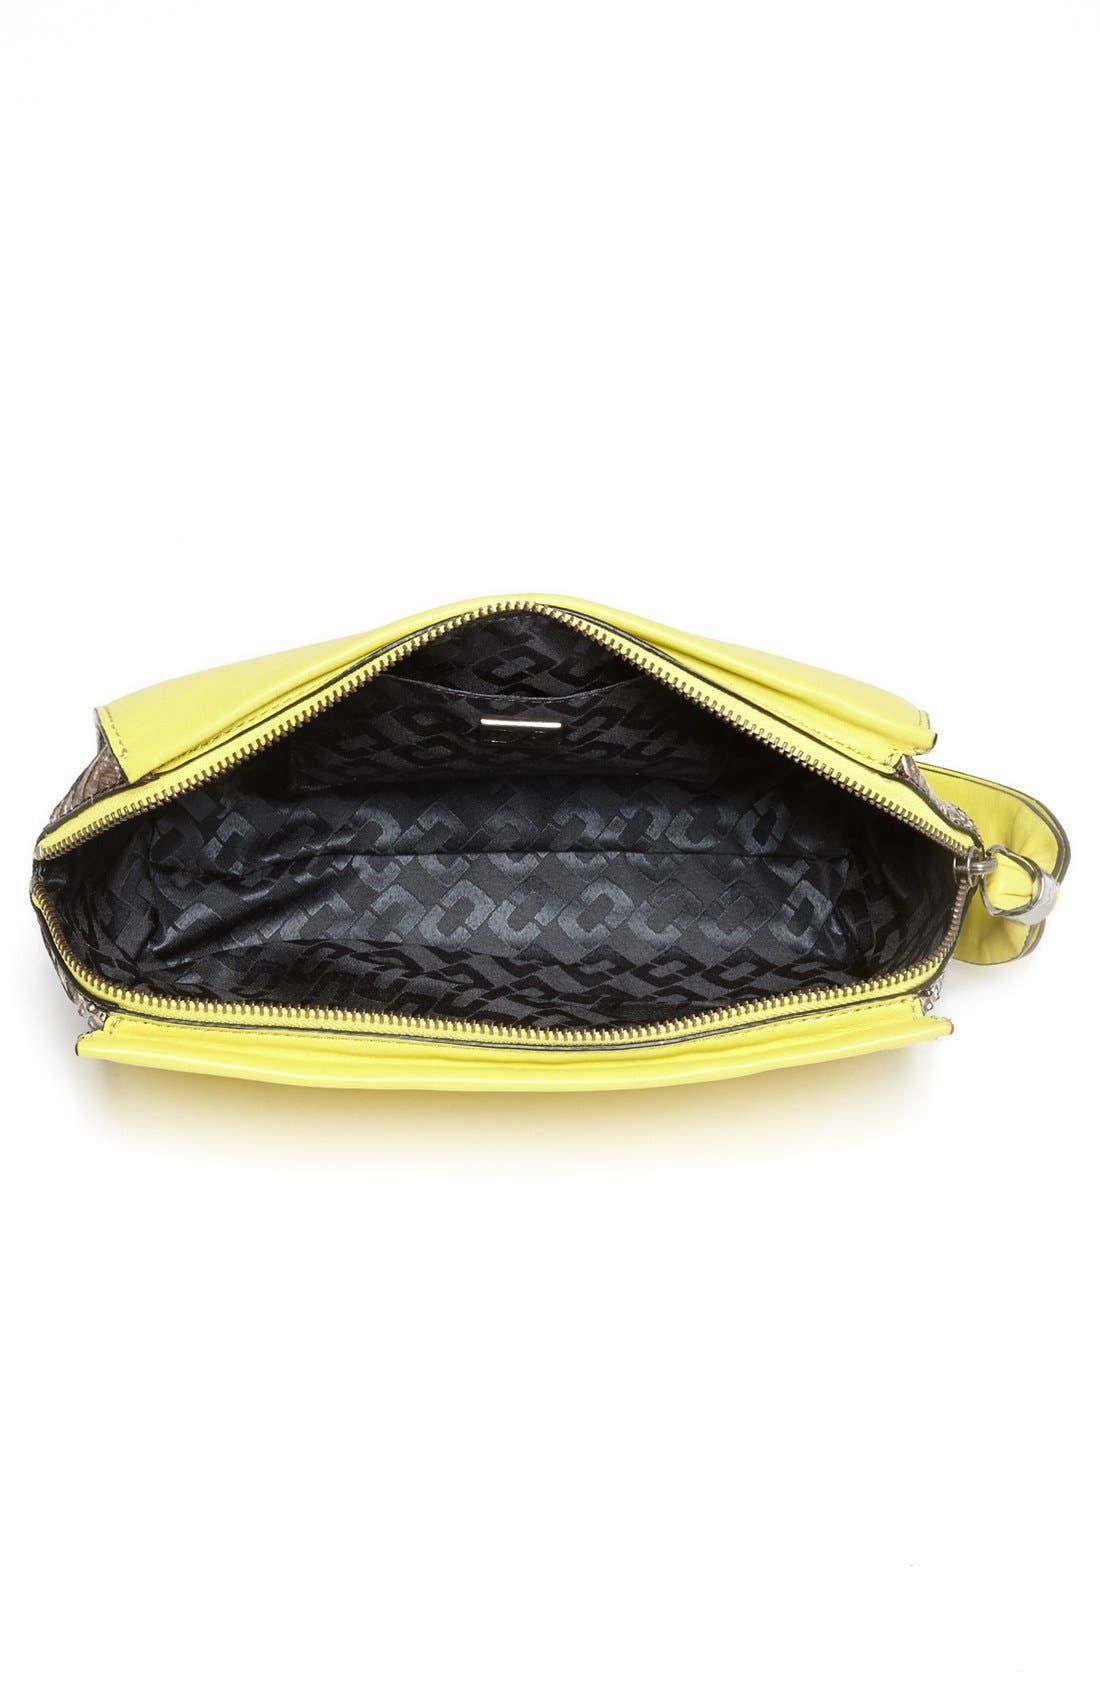 Alternate Image 3  - Diane von Furstenberg Leather & Snakeskin Clutch